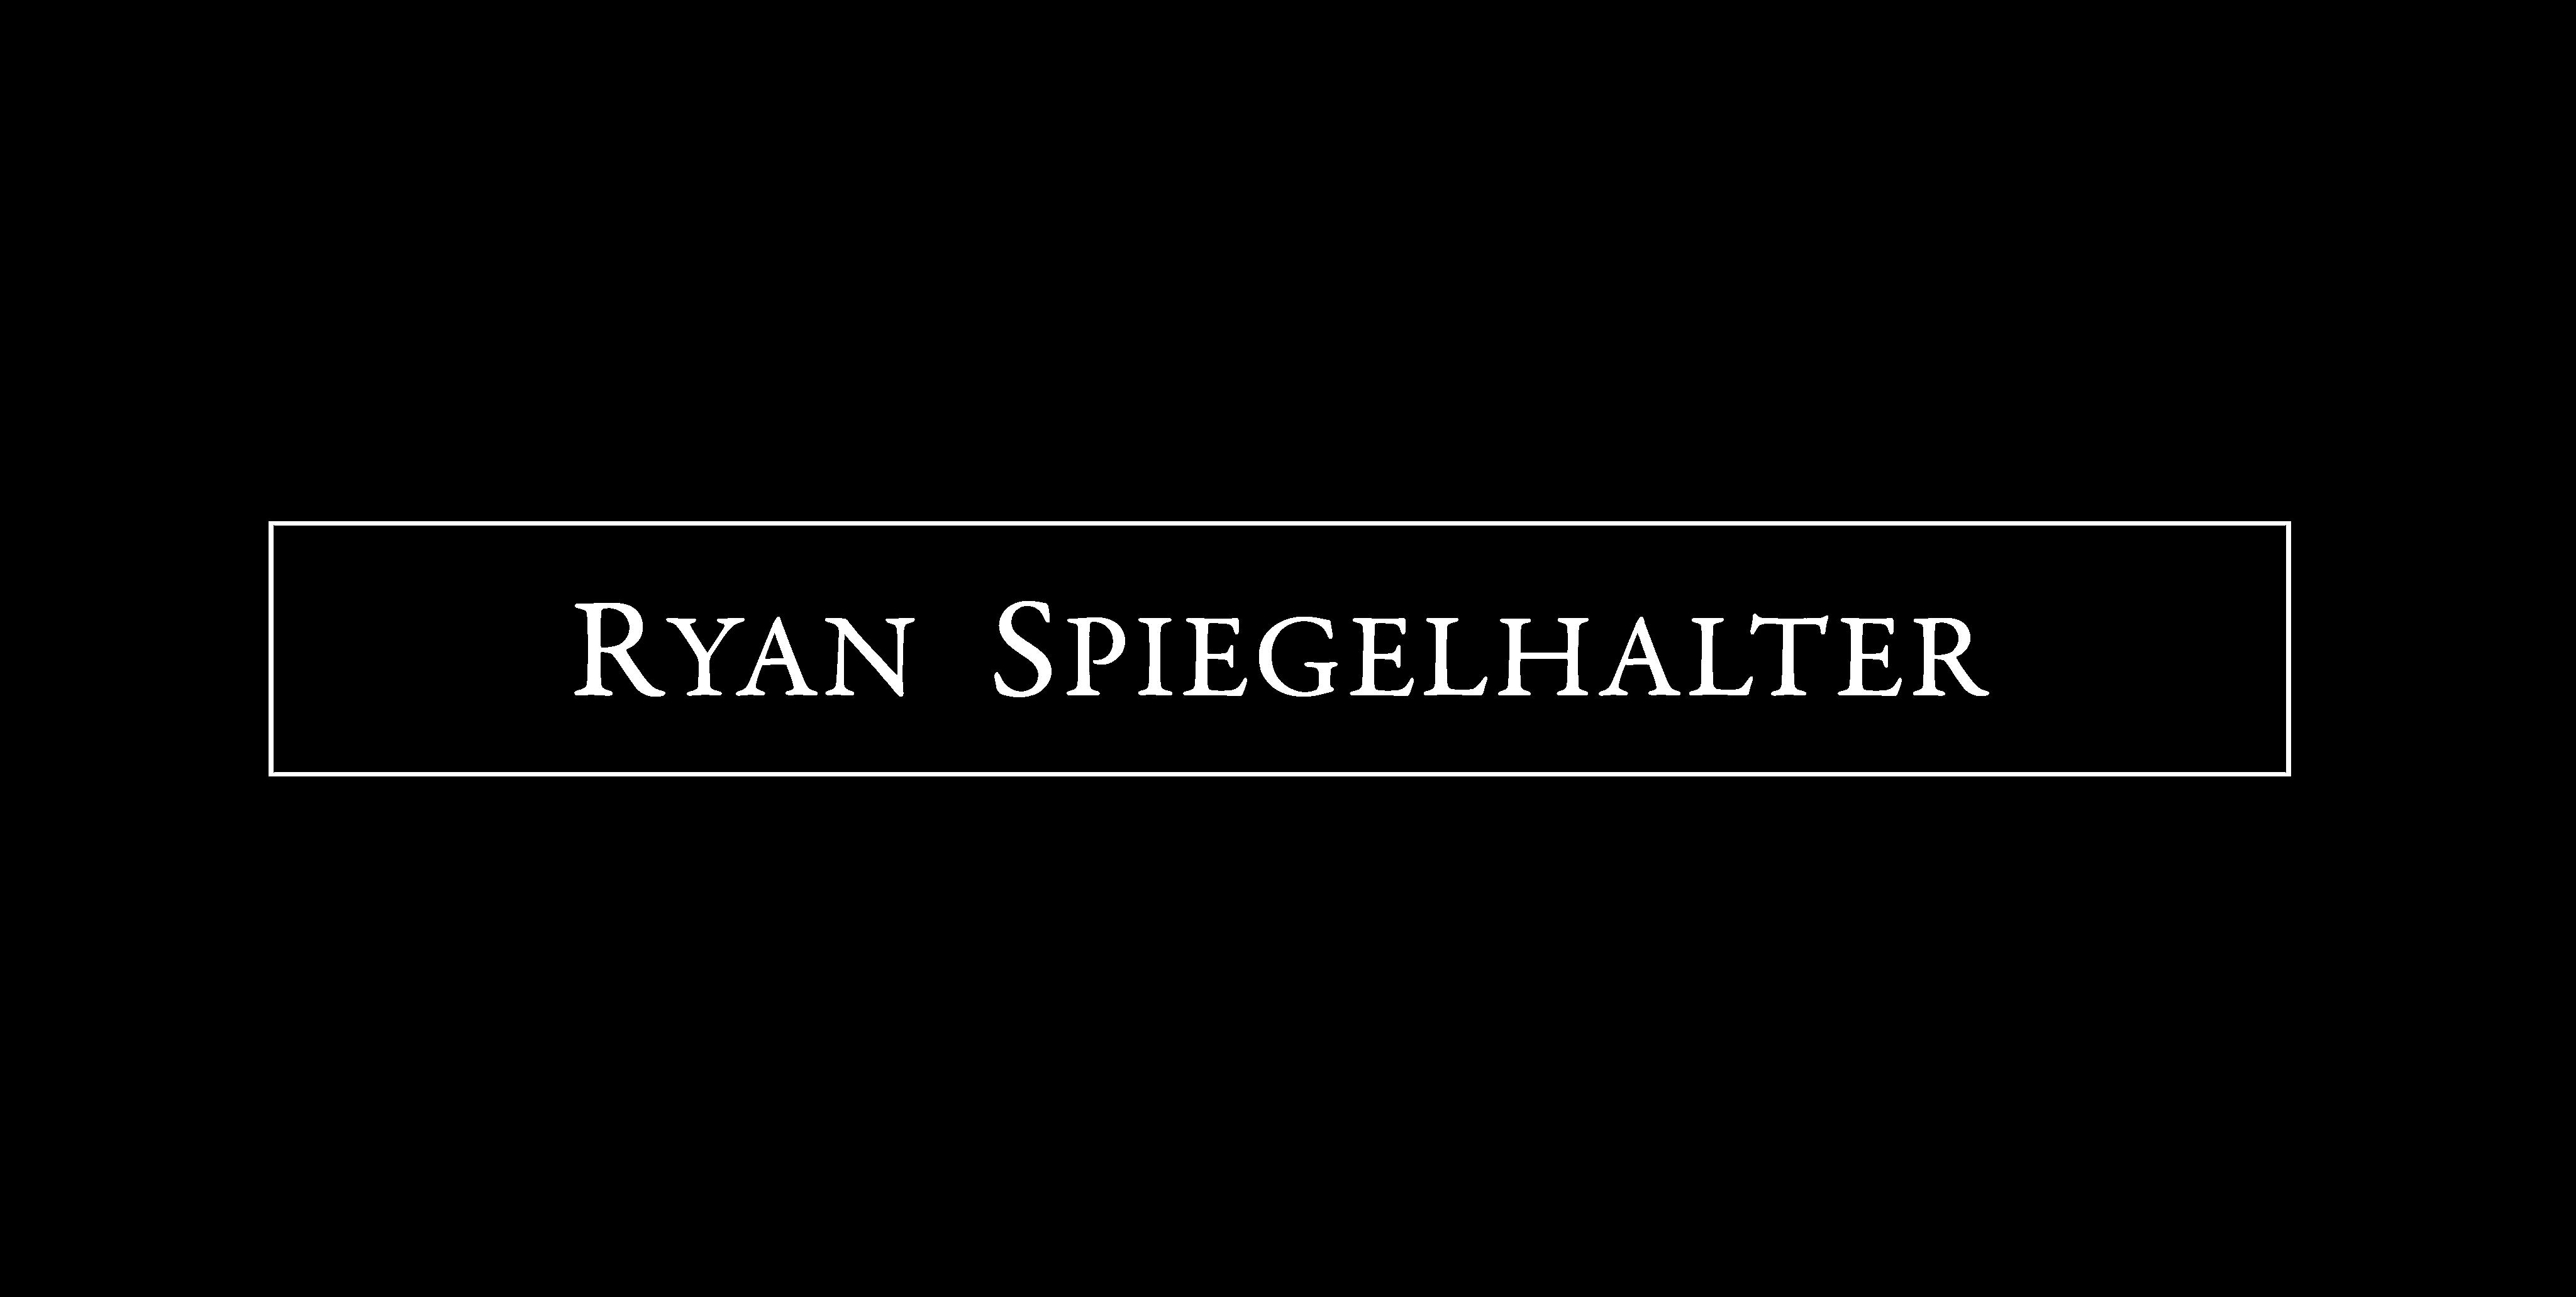 Ryan Spiegelhalter